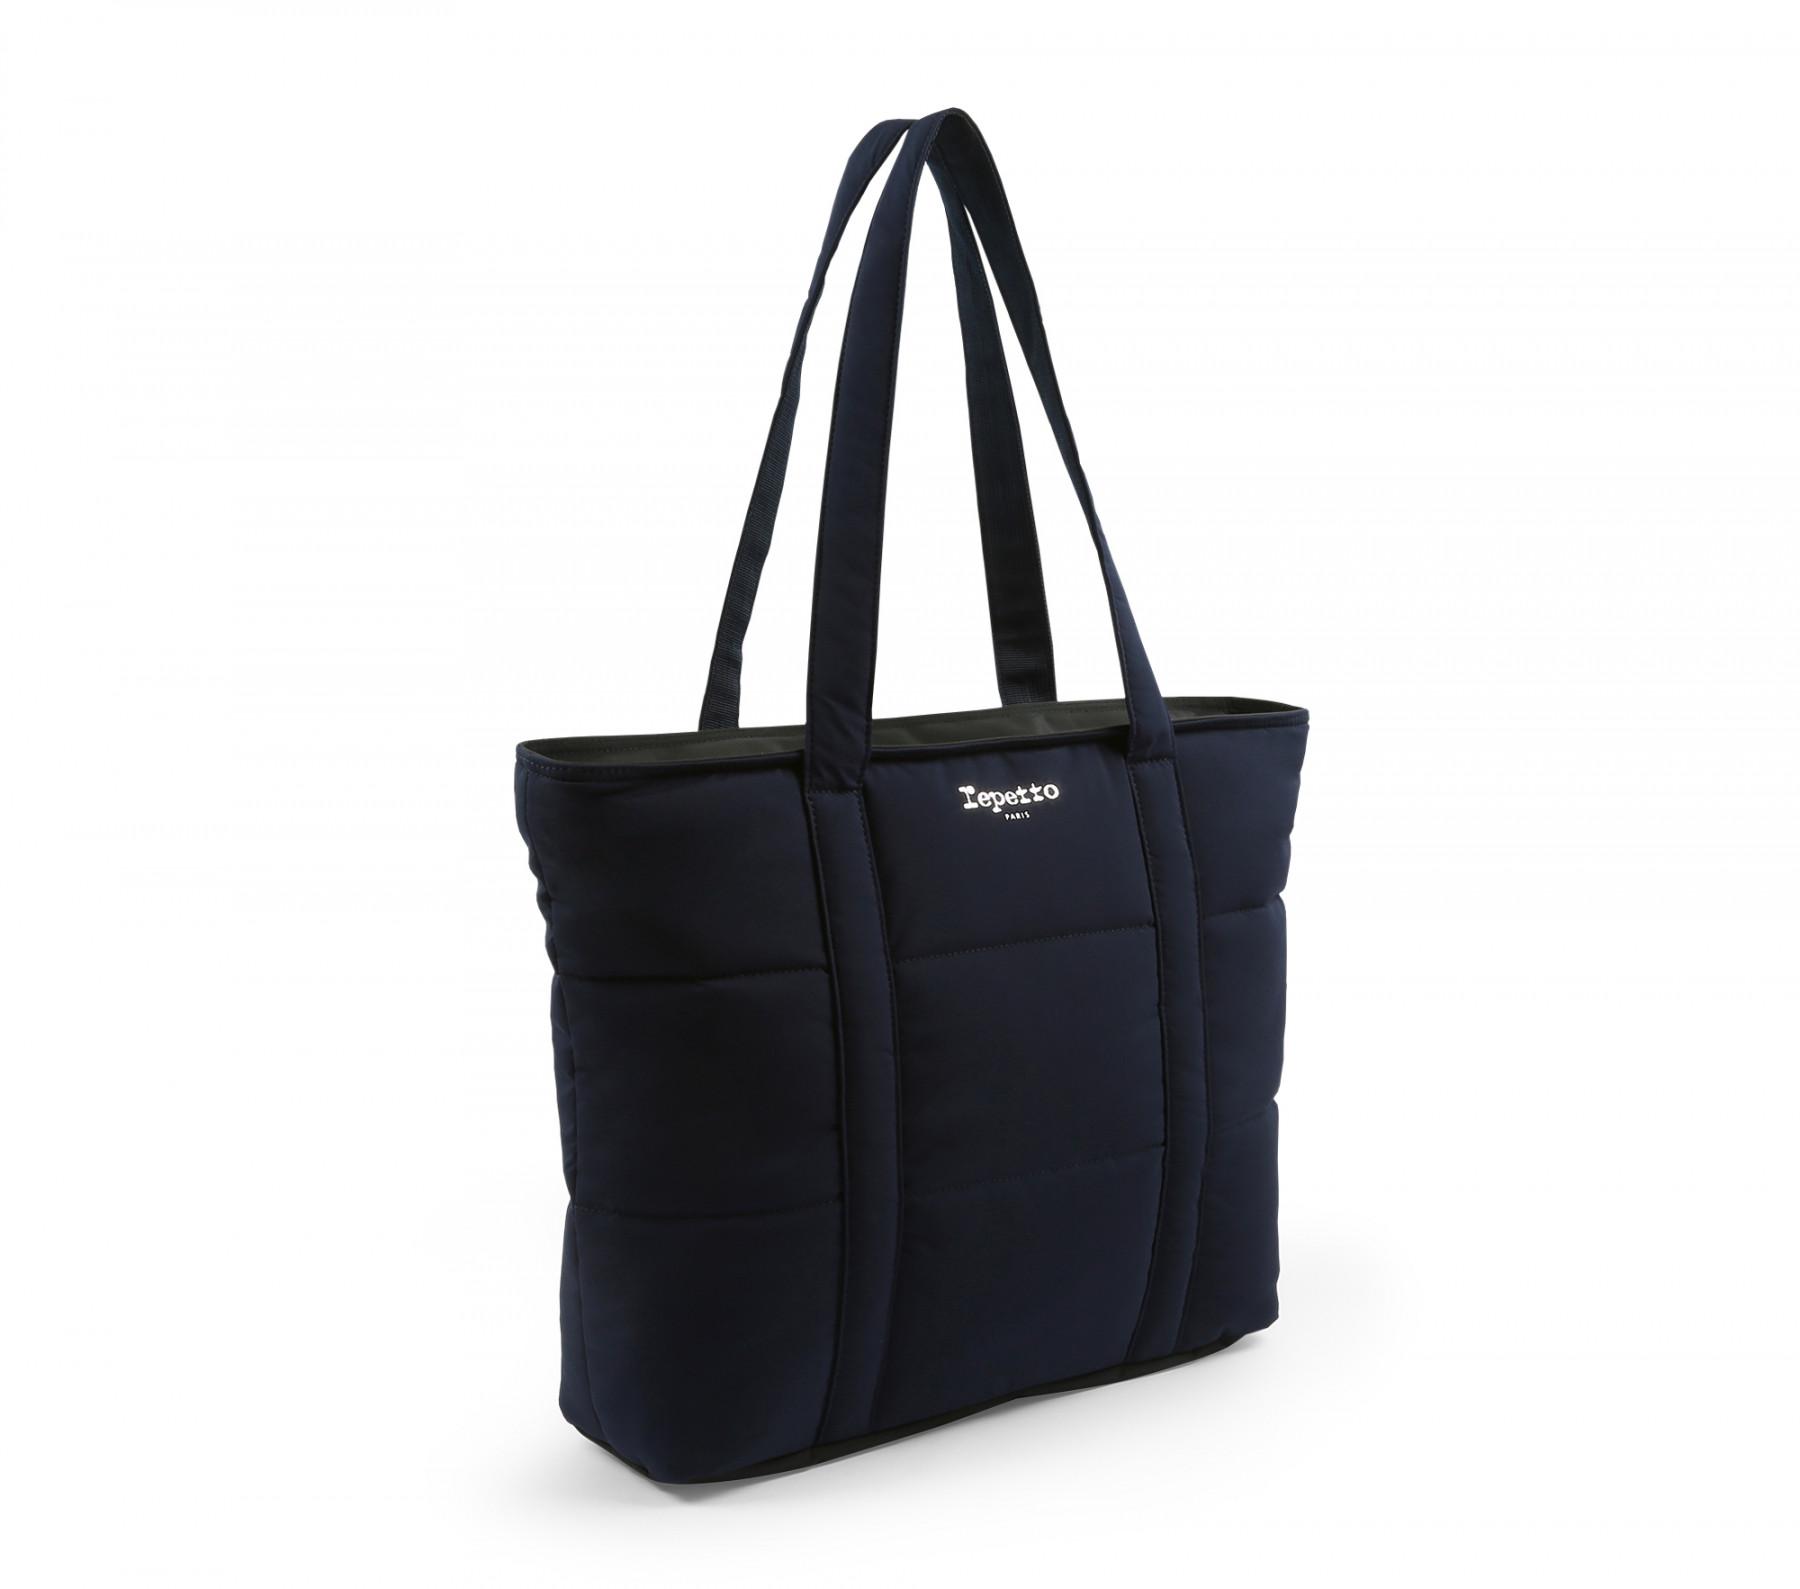 Boots shoulder bag